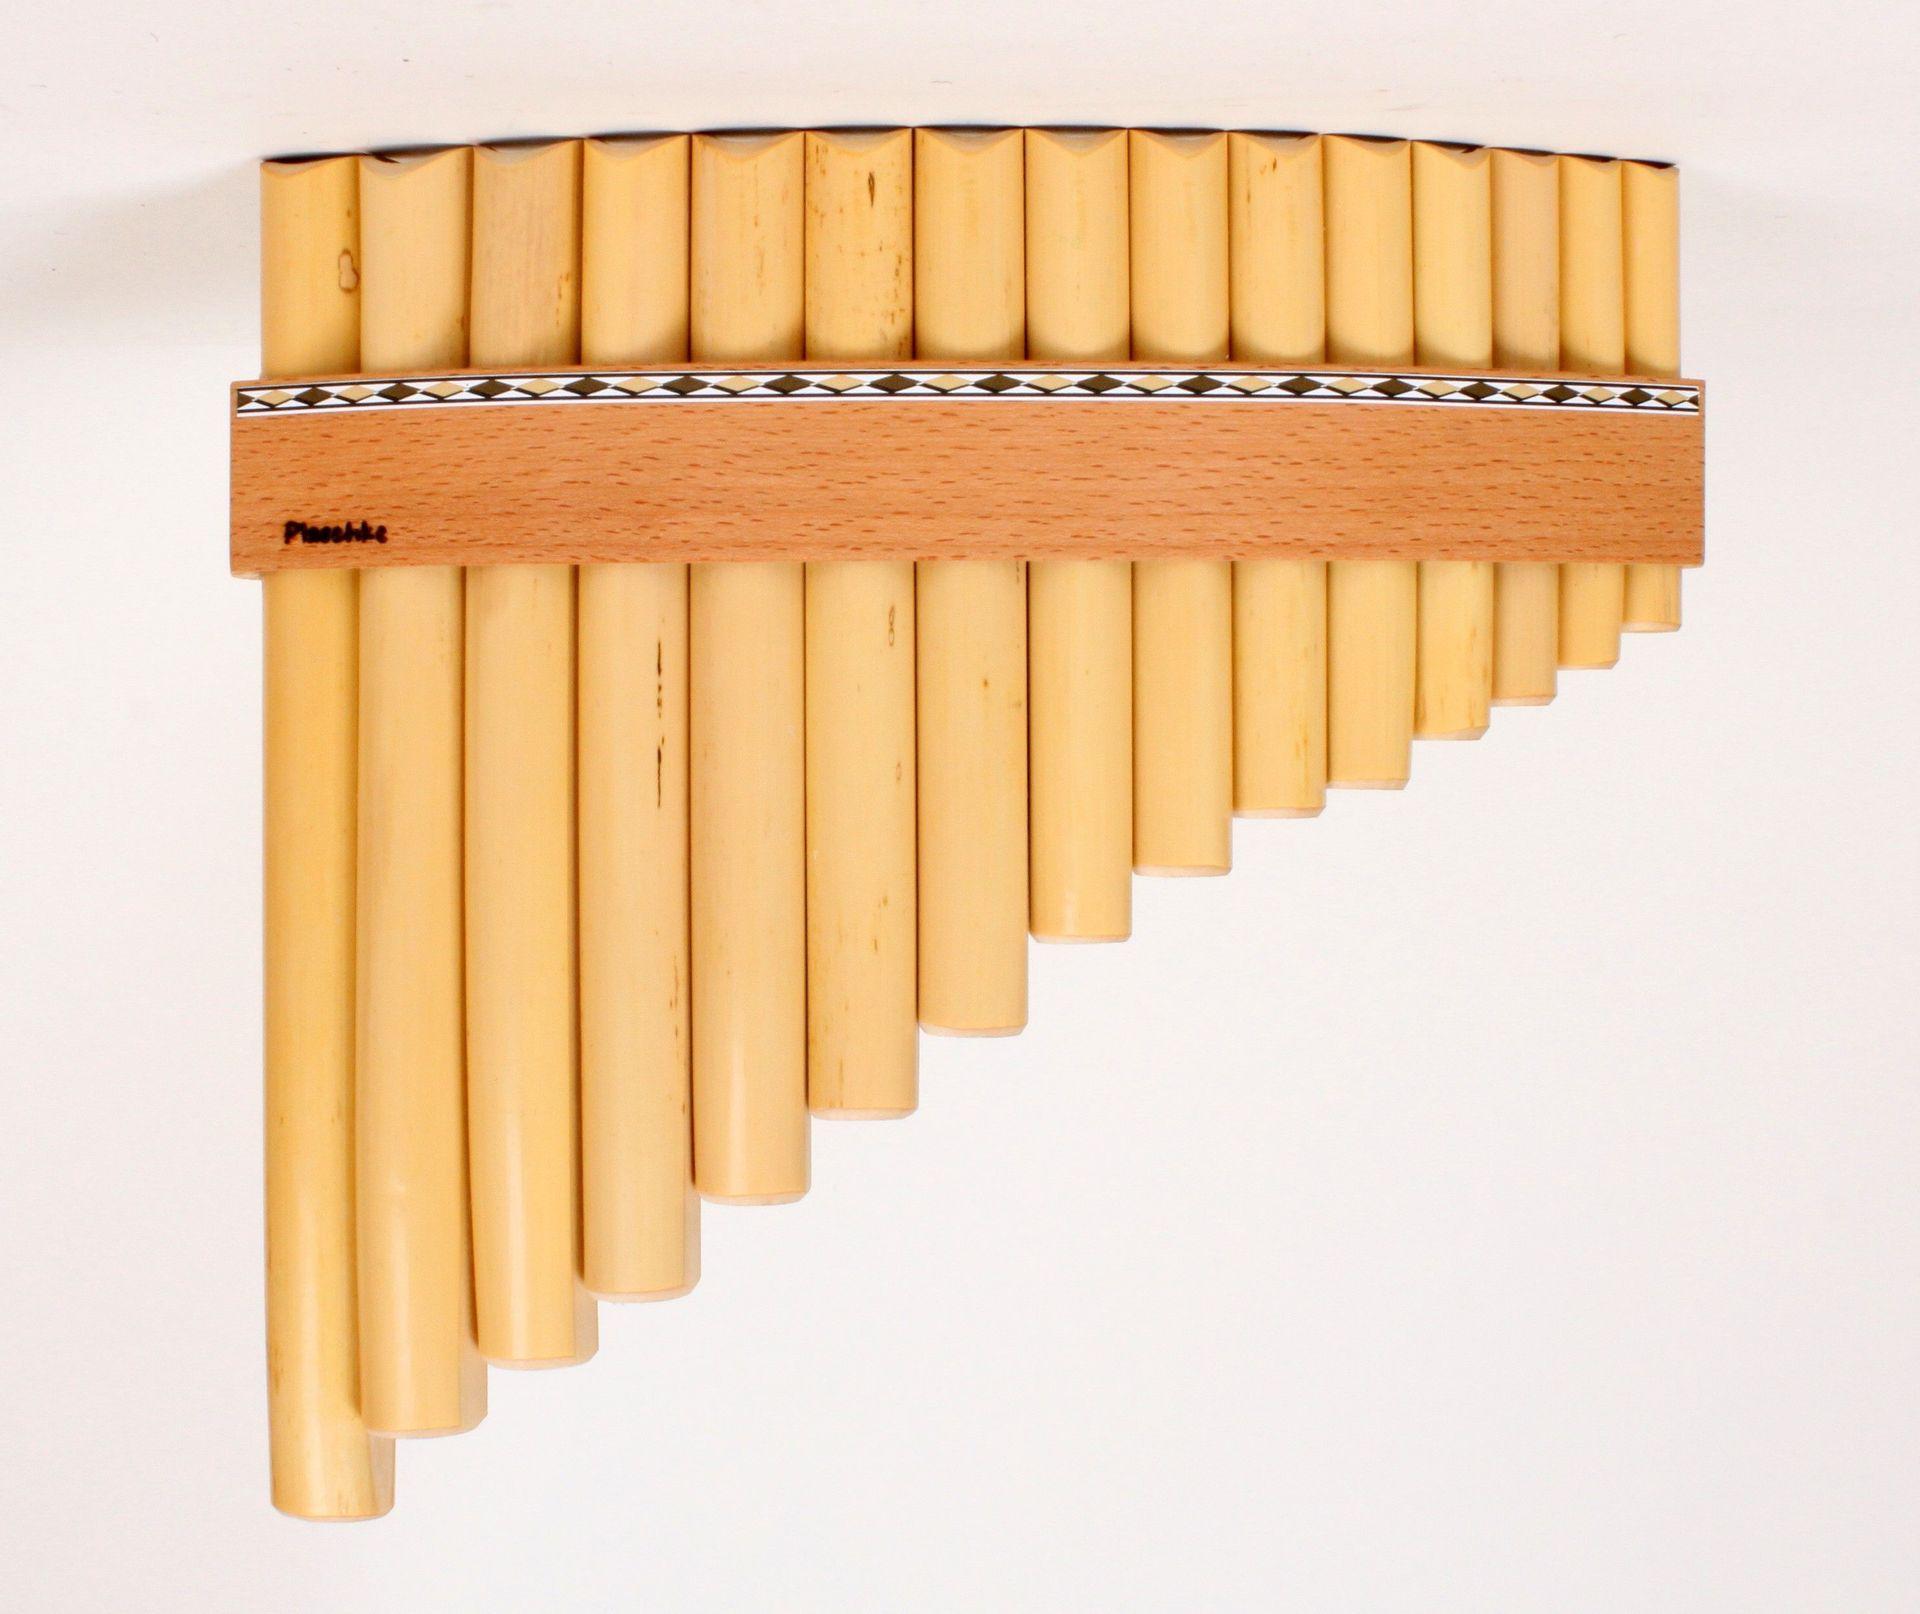 Plaschke R15 B Panflöte Bb-Dur / 15 Rohre Schilf, elektronisch gestimmt